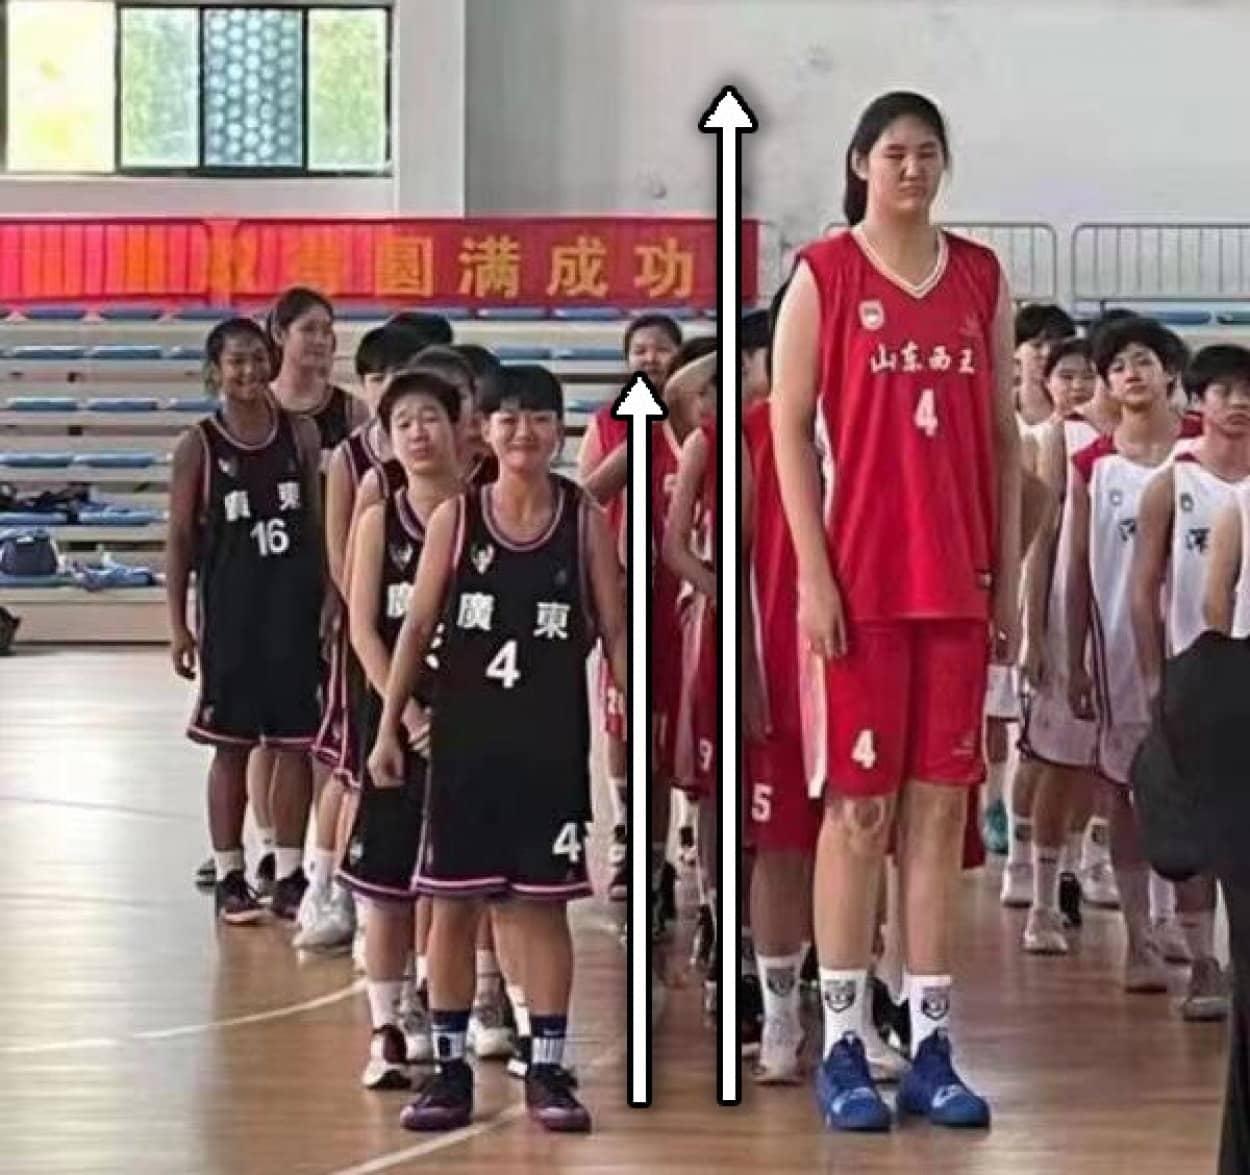 14歳で身長226cmの少女、バスケットボールで活躍中